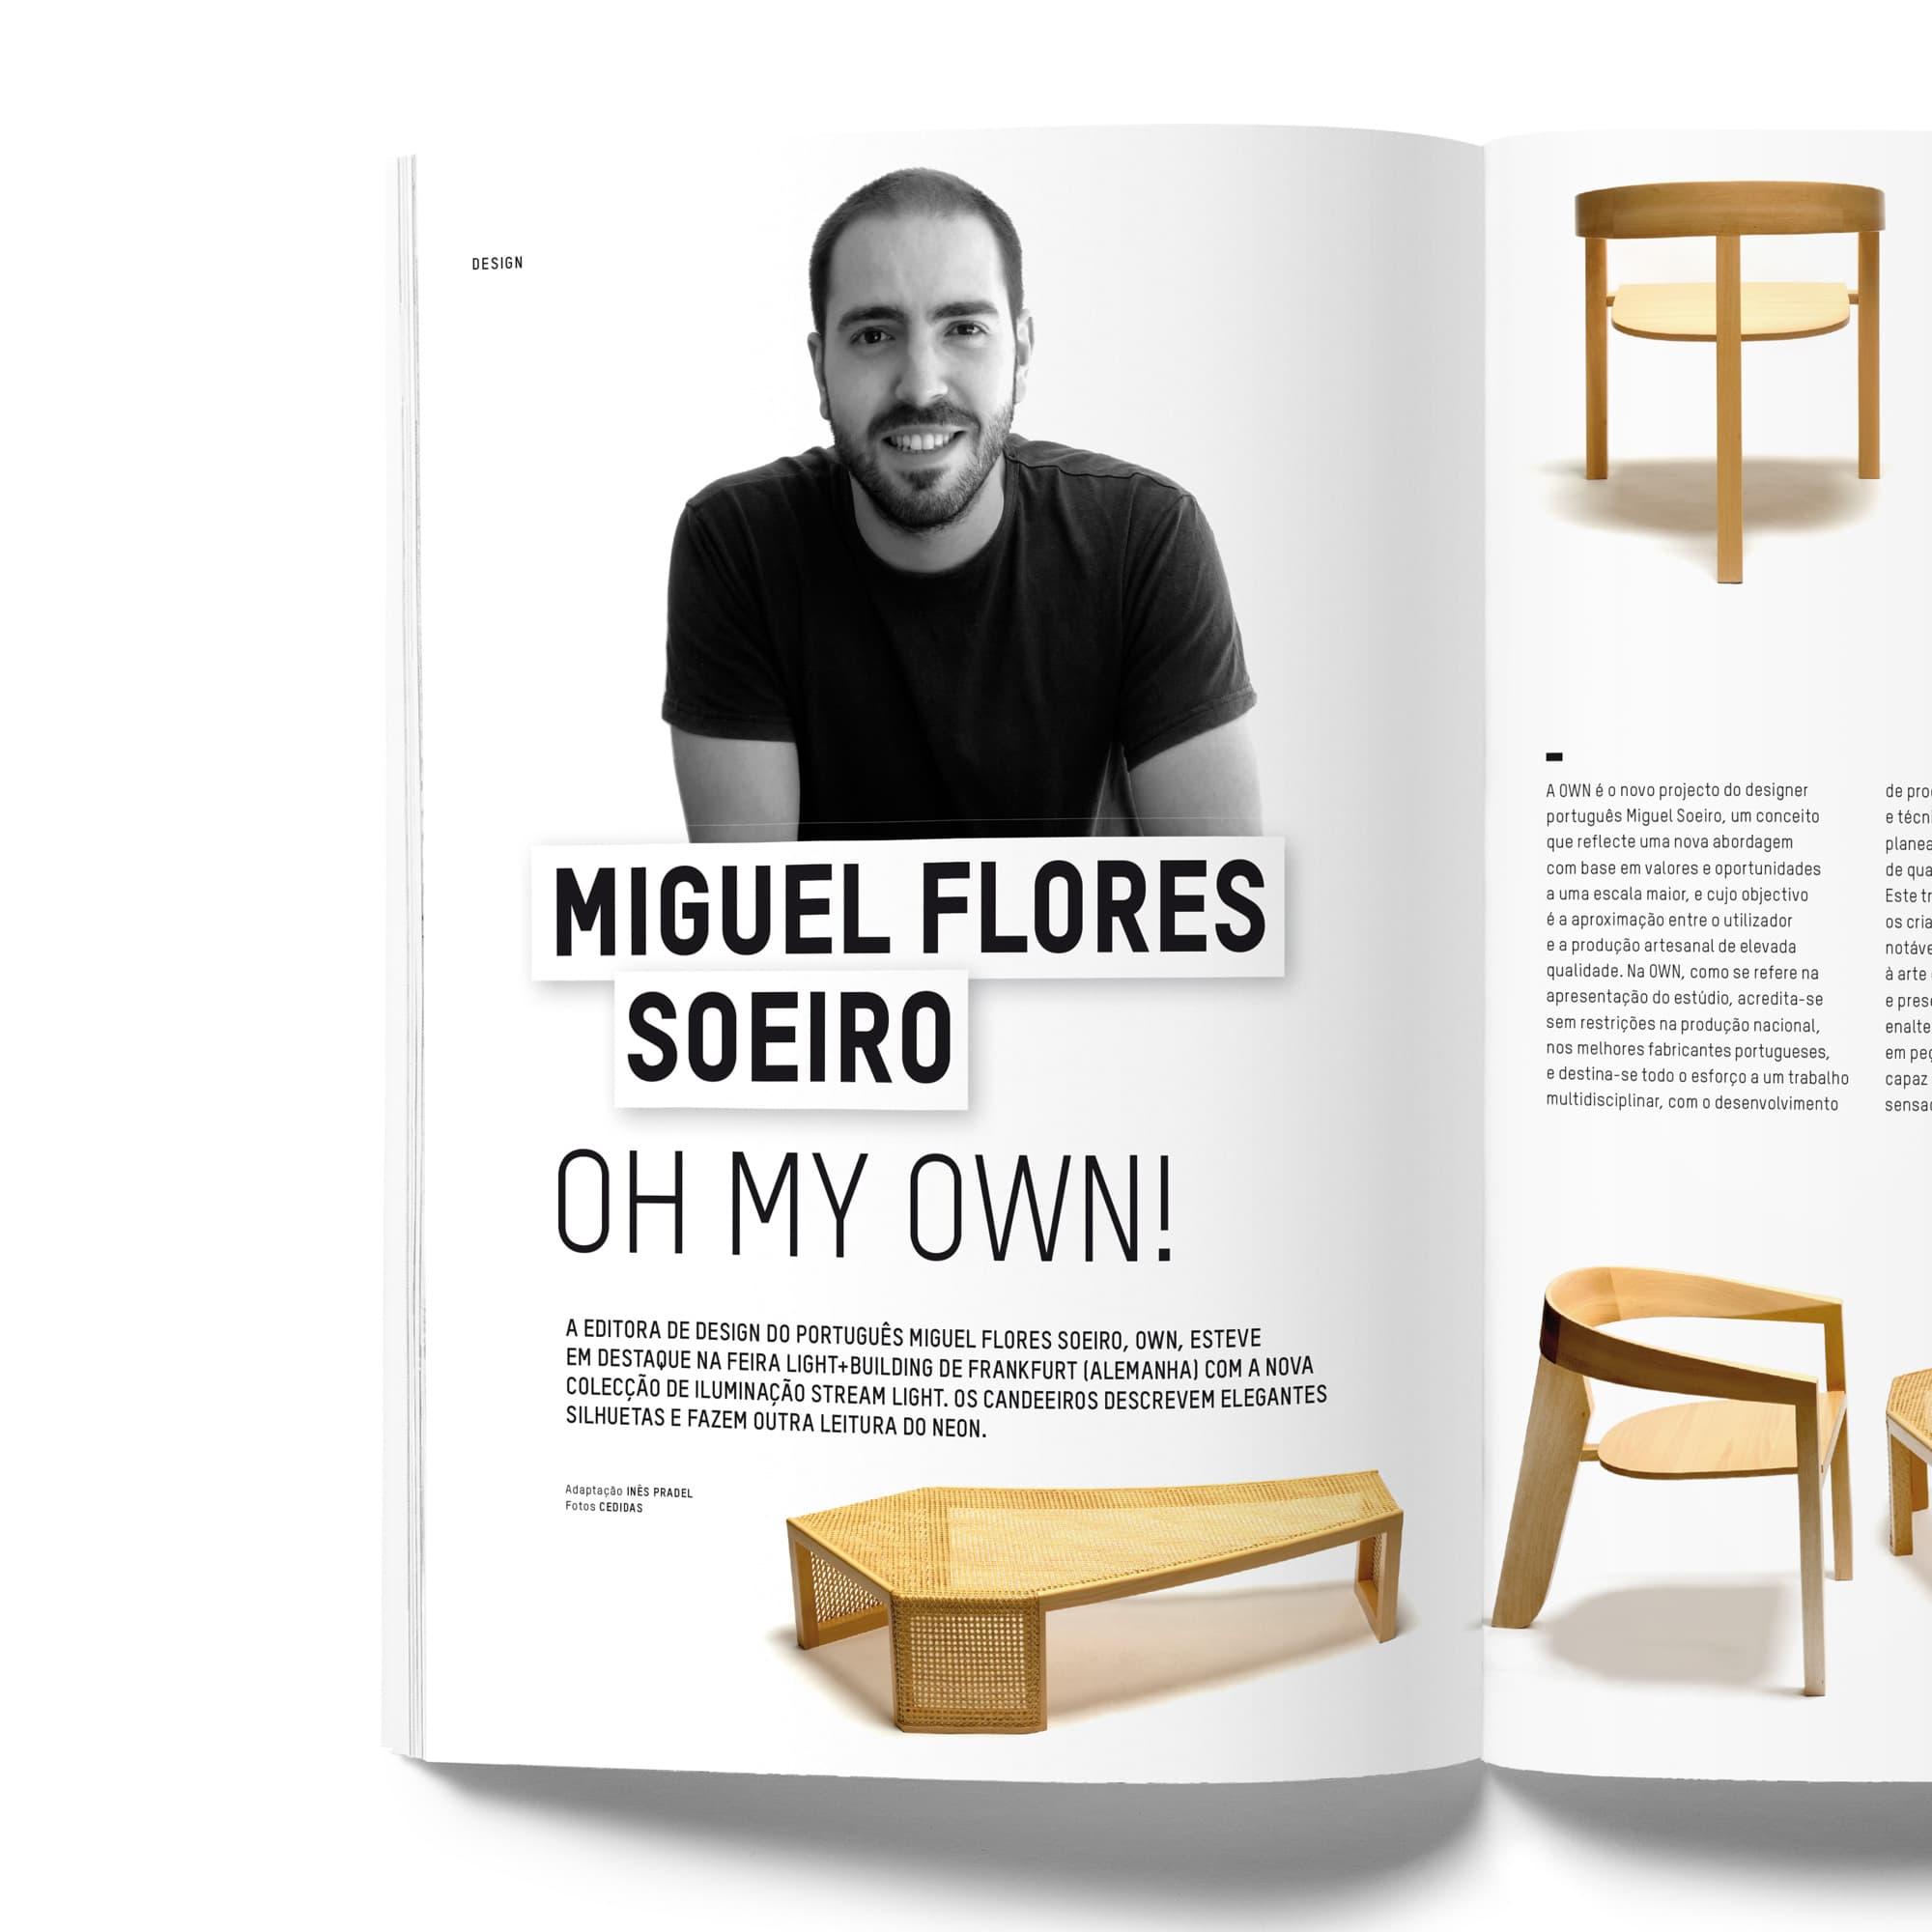 Miguel Flores Soeiro Own